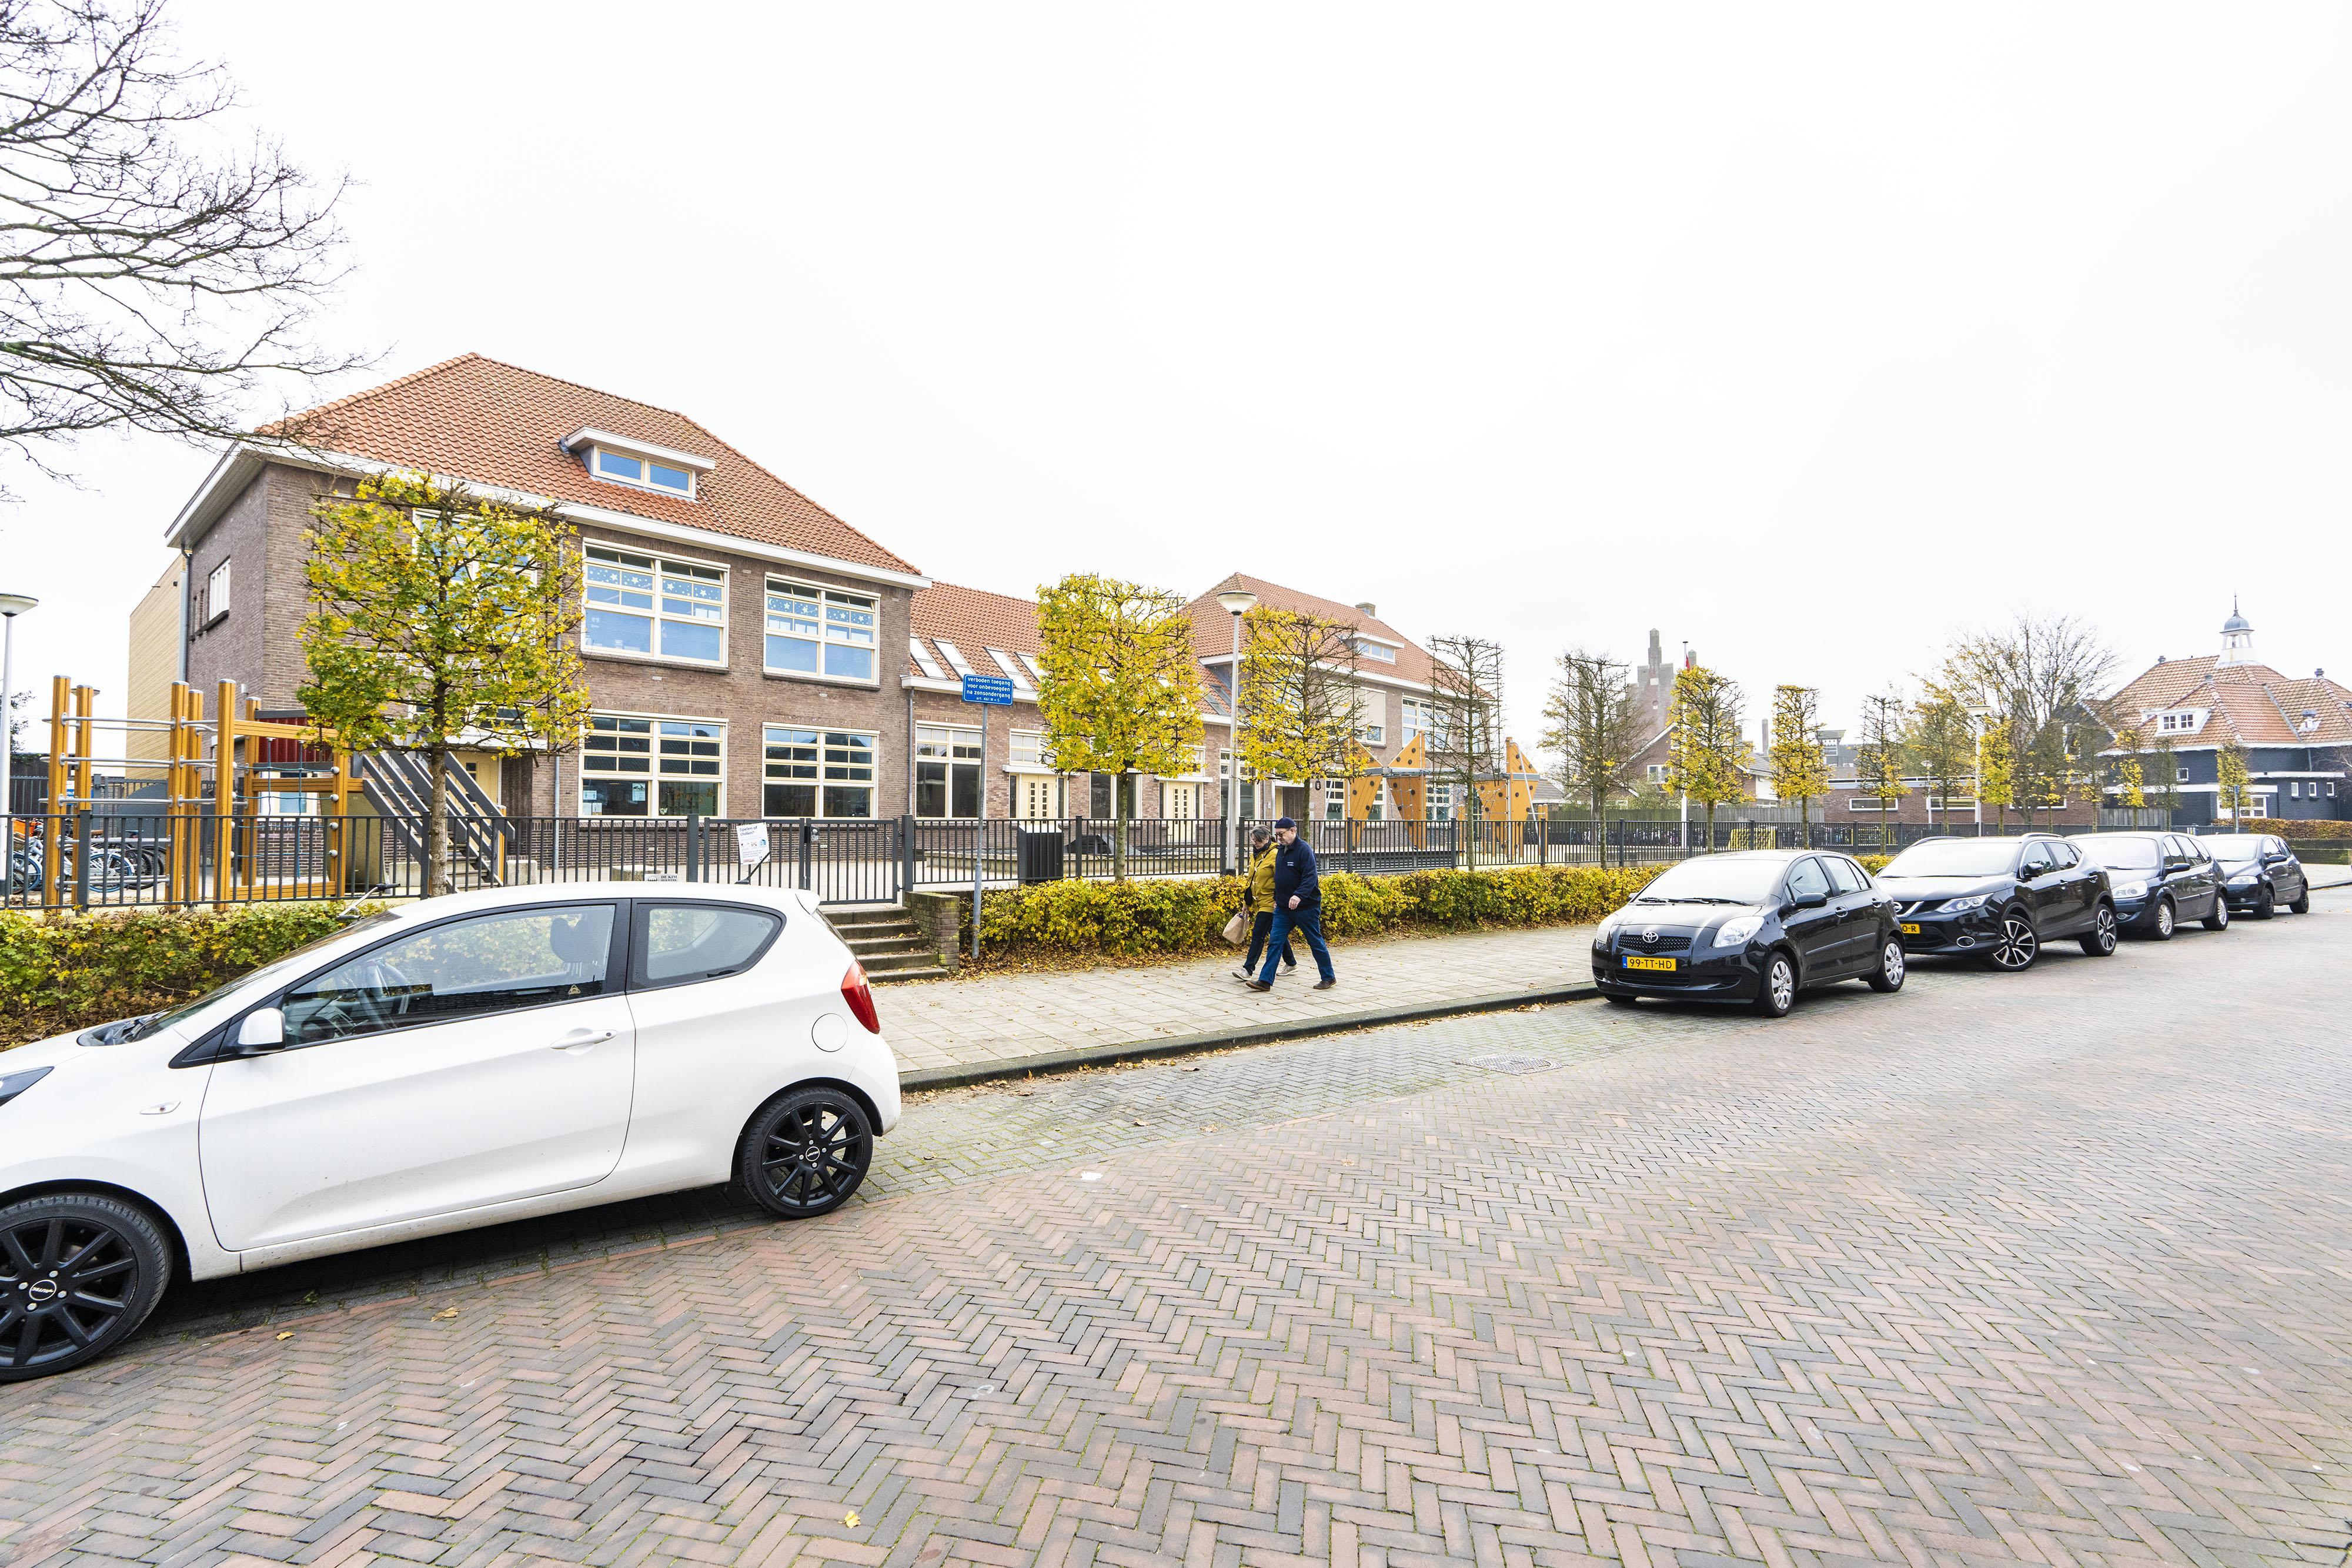 Snel duidelijkheid over extra lokalen voor Noordwijkerhoutse basisschool De Prinsenhof